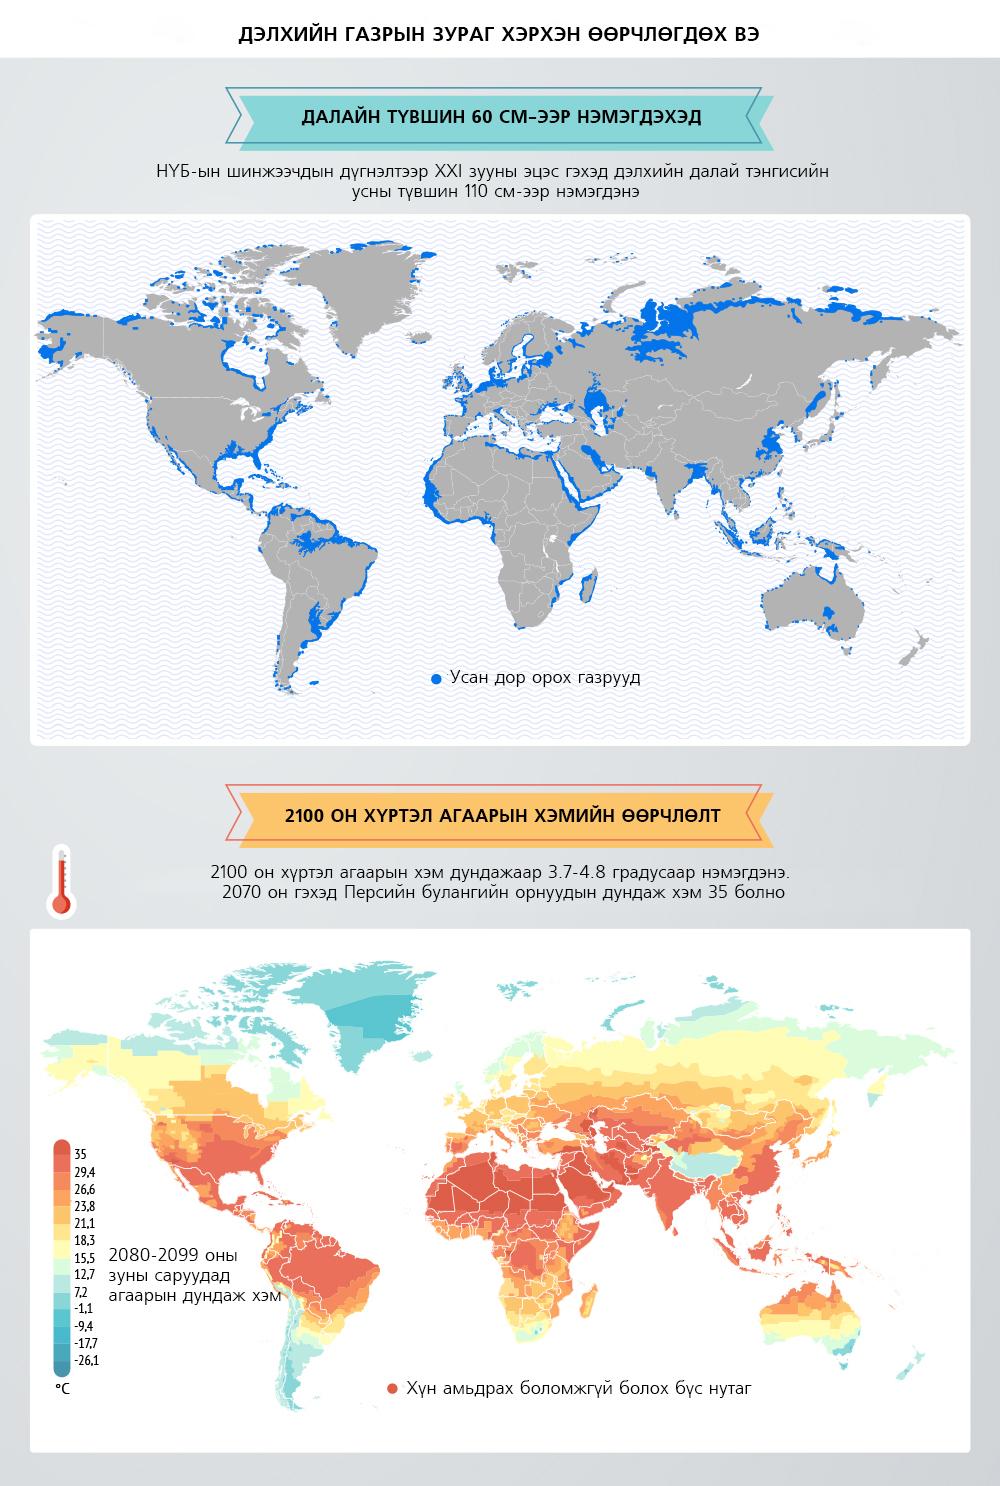 02(1446) Эрдэмтдийн таамаглал: Дэлхийн газрын зураг ирээдүйд хэрхэн өөрчлөгдөх вэ